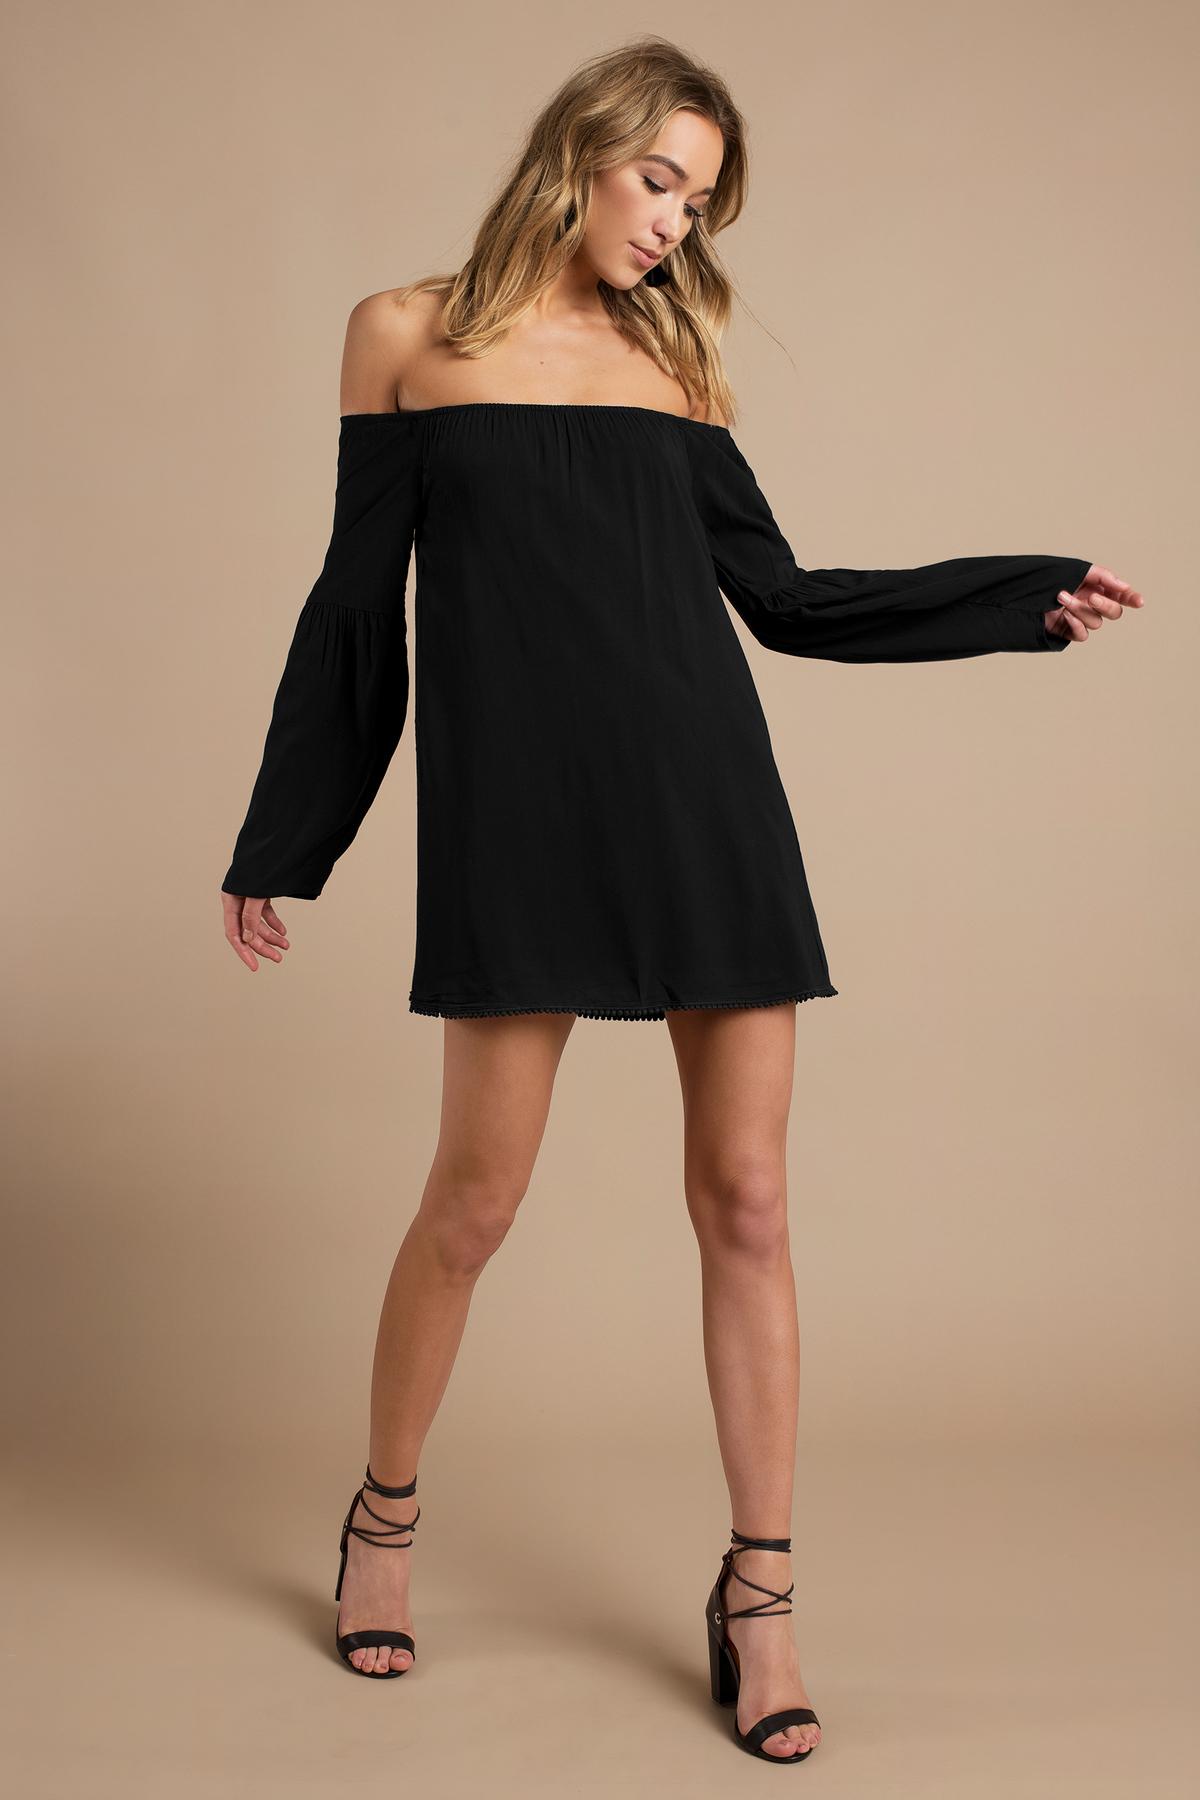 Wedding Off Shoulder Dress cute black shift dress off shoulder 54 00 cindy dress